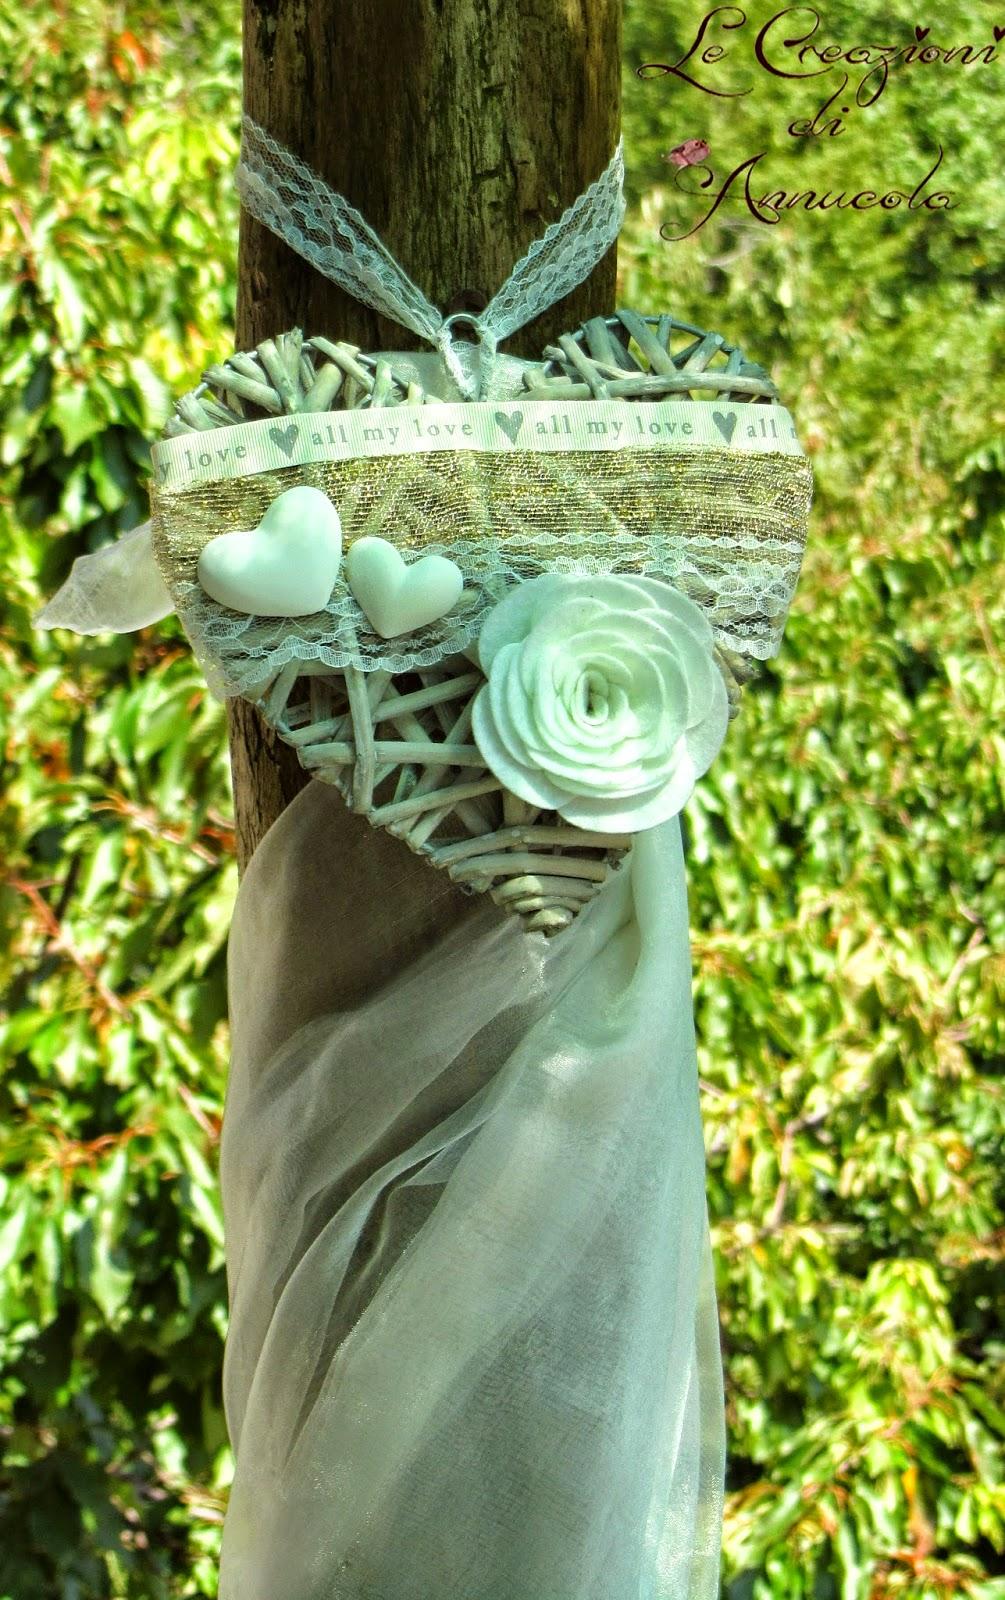 Matrimonio Tema Oro E Avorio : Le creazioni di annucola matrimonio oro e avorio ° puntata